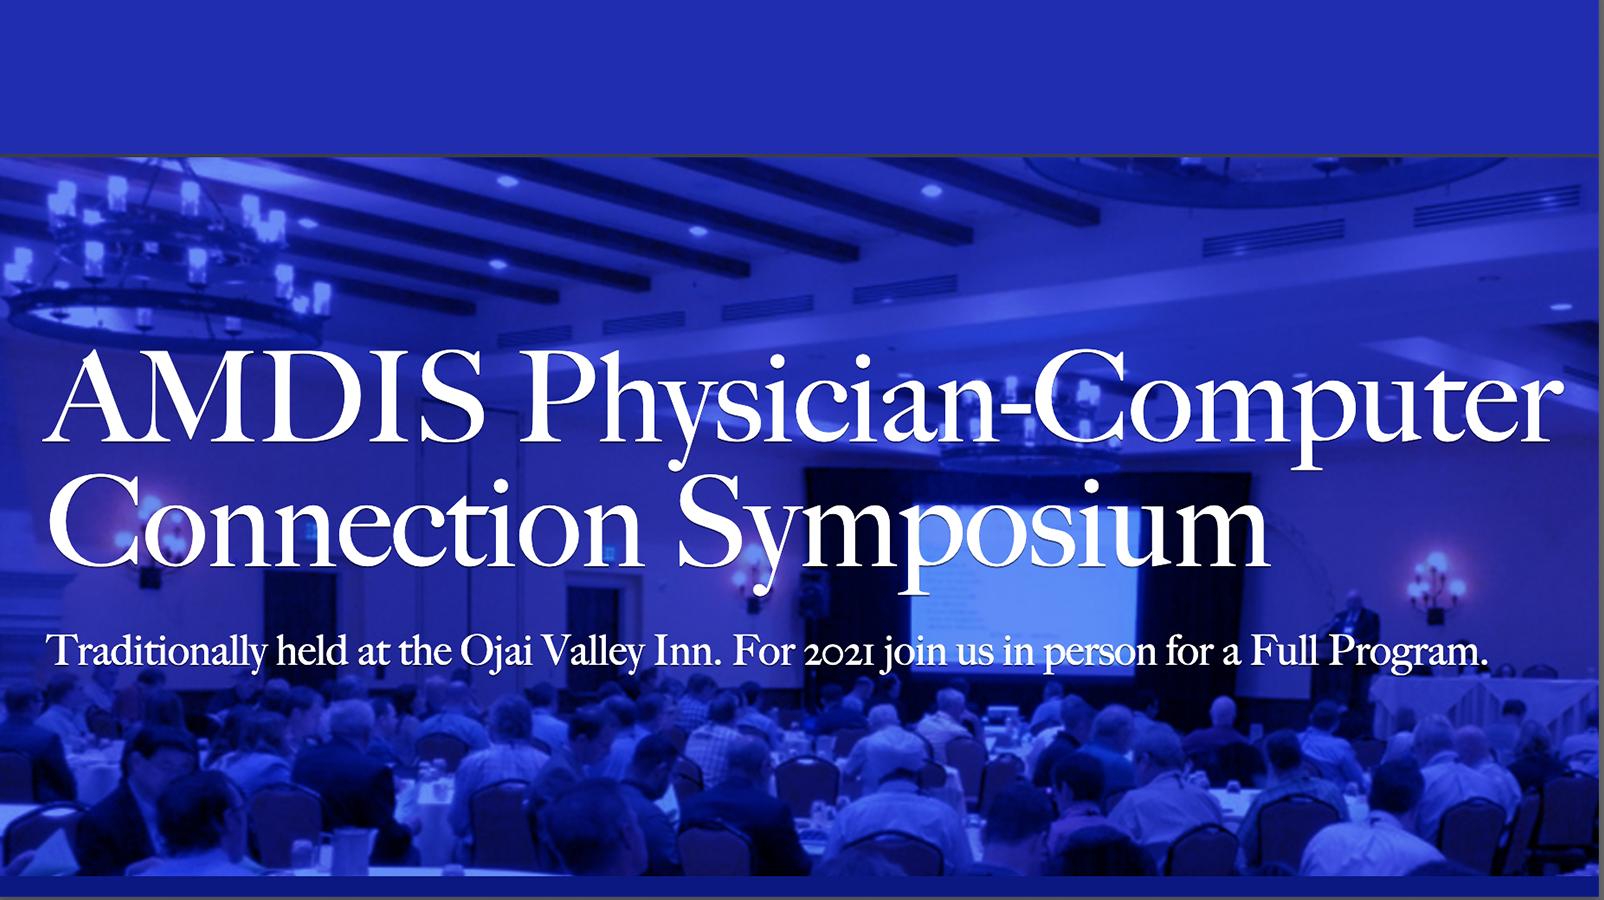 AMDIS 2021 Physician-Computer Connection